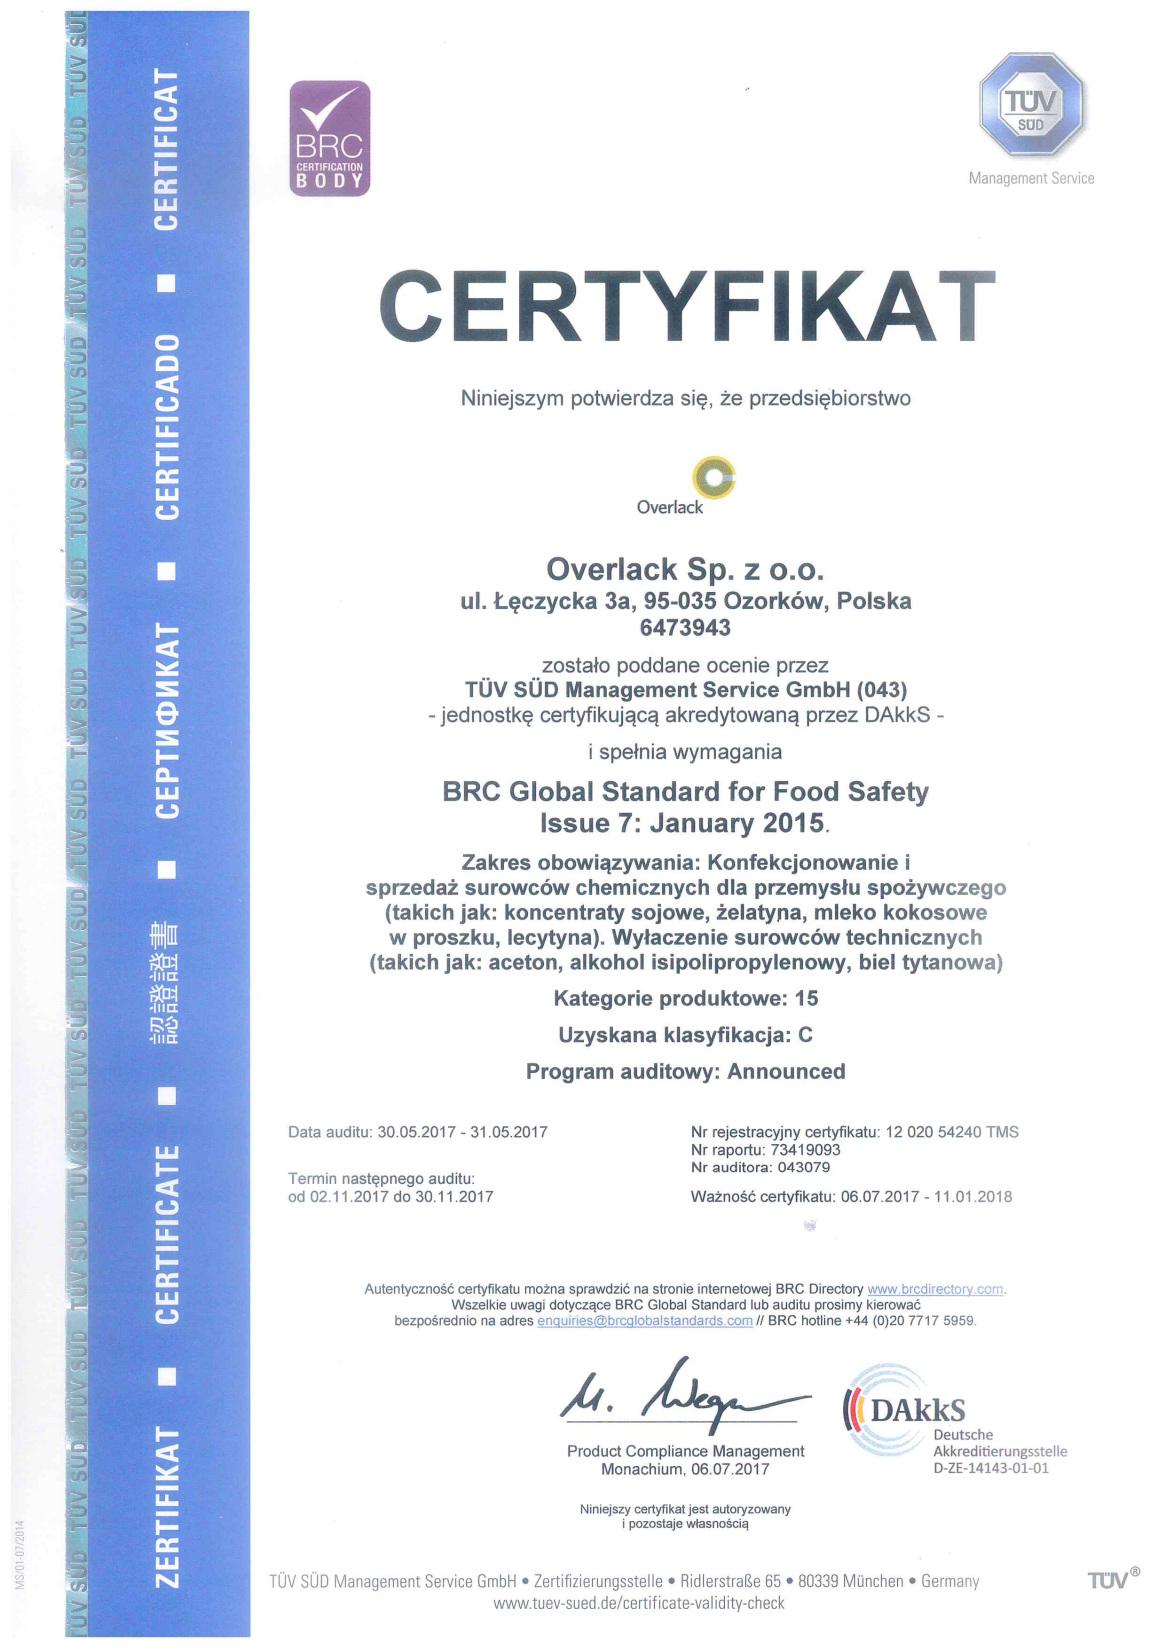 Certyfikaty BRC